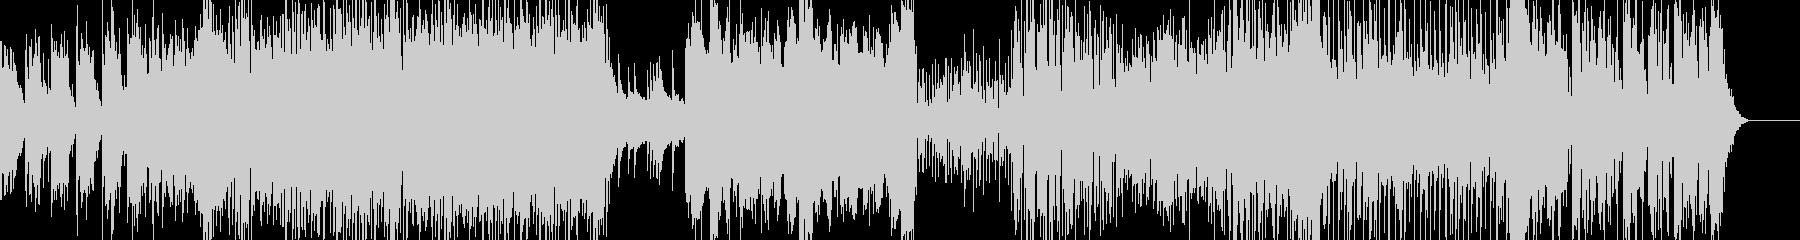 明るいポップなエレクトリカルなインスト曲の未再生の波形